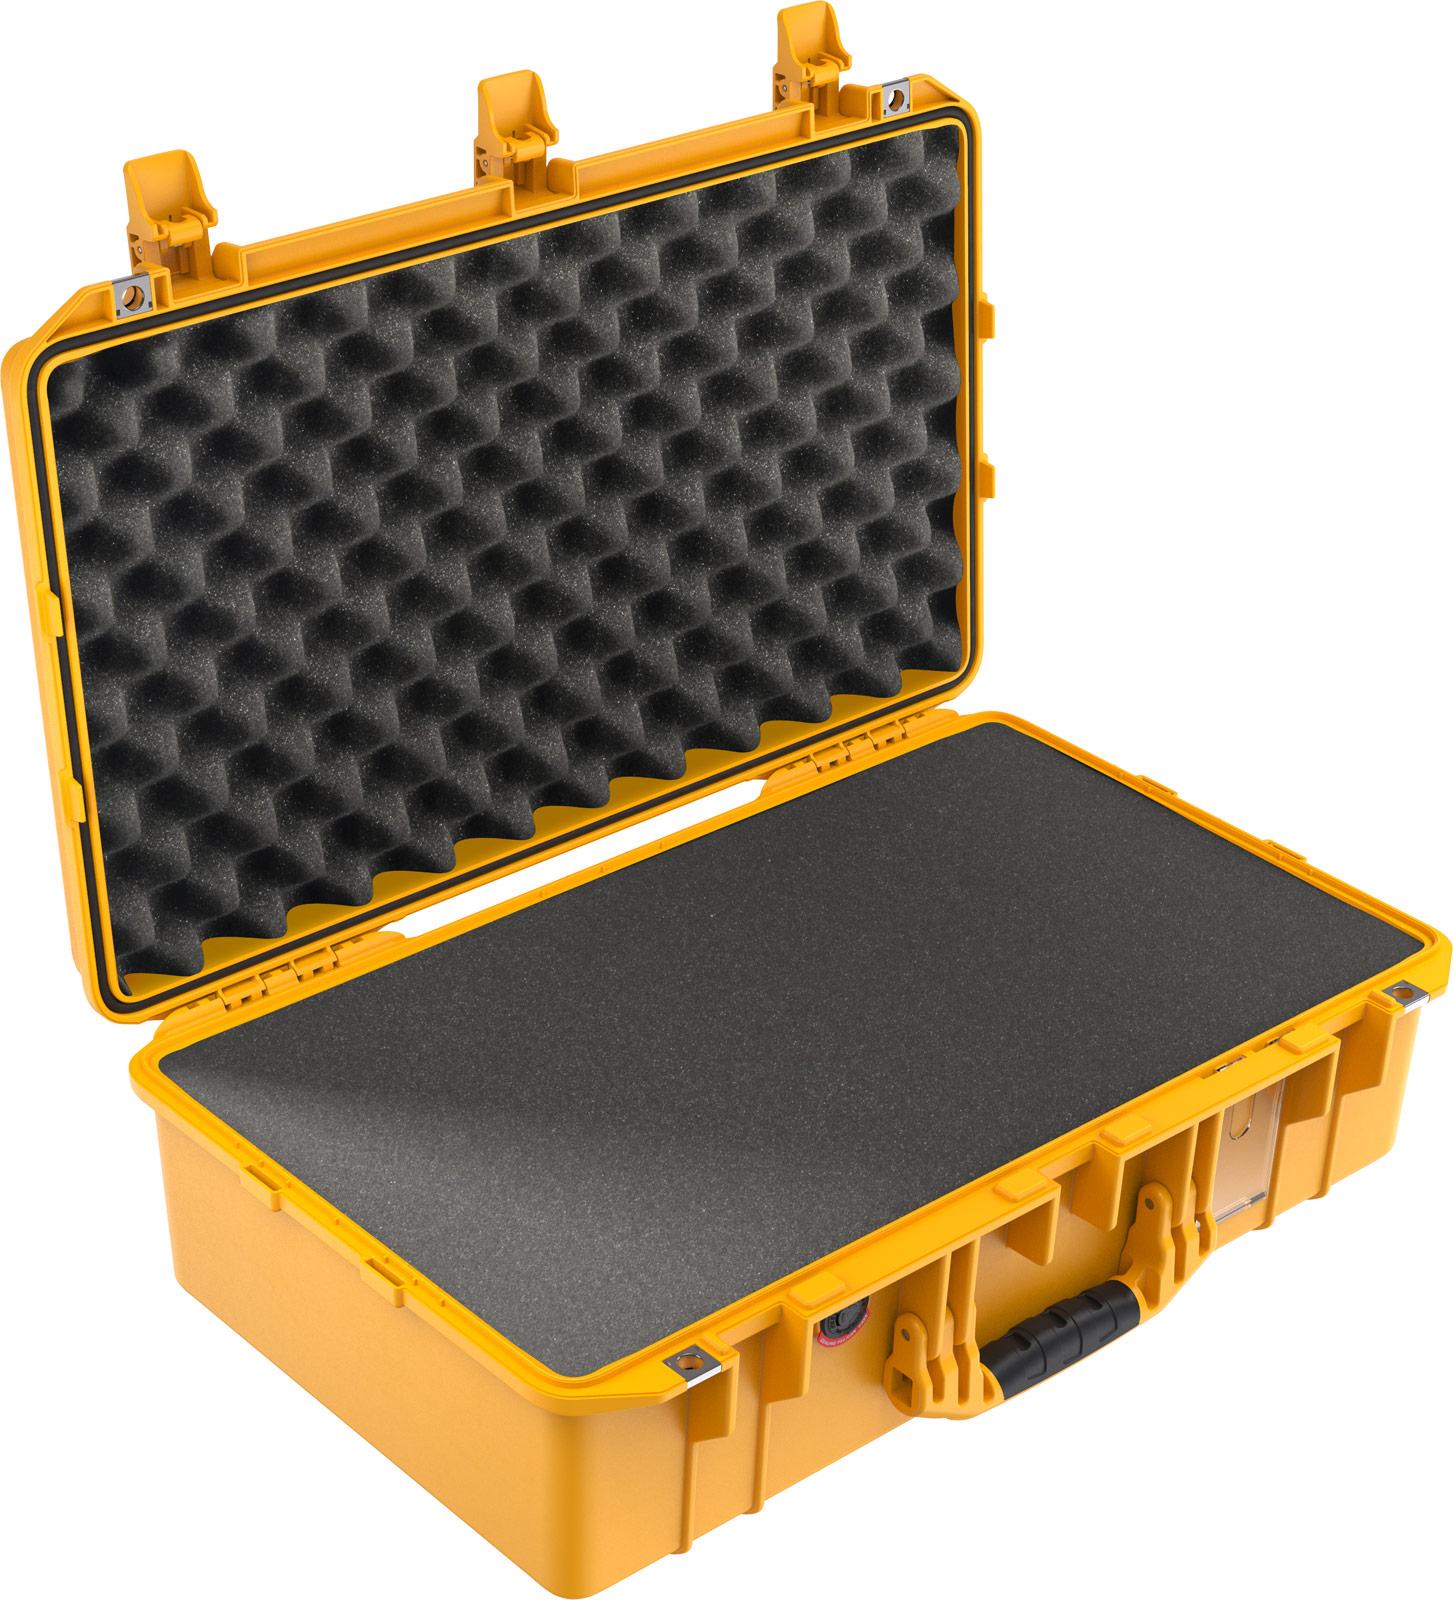 pelican 1555 yellow air lightweight case